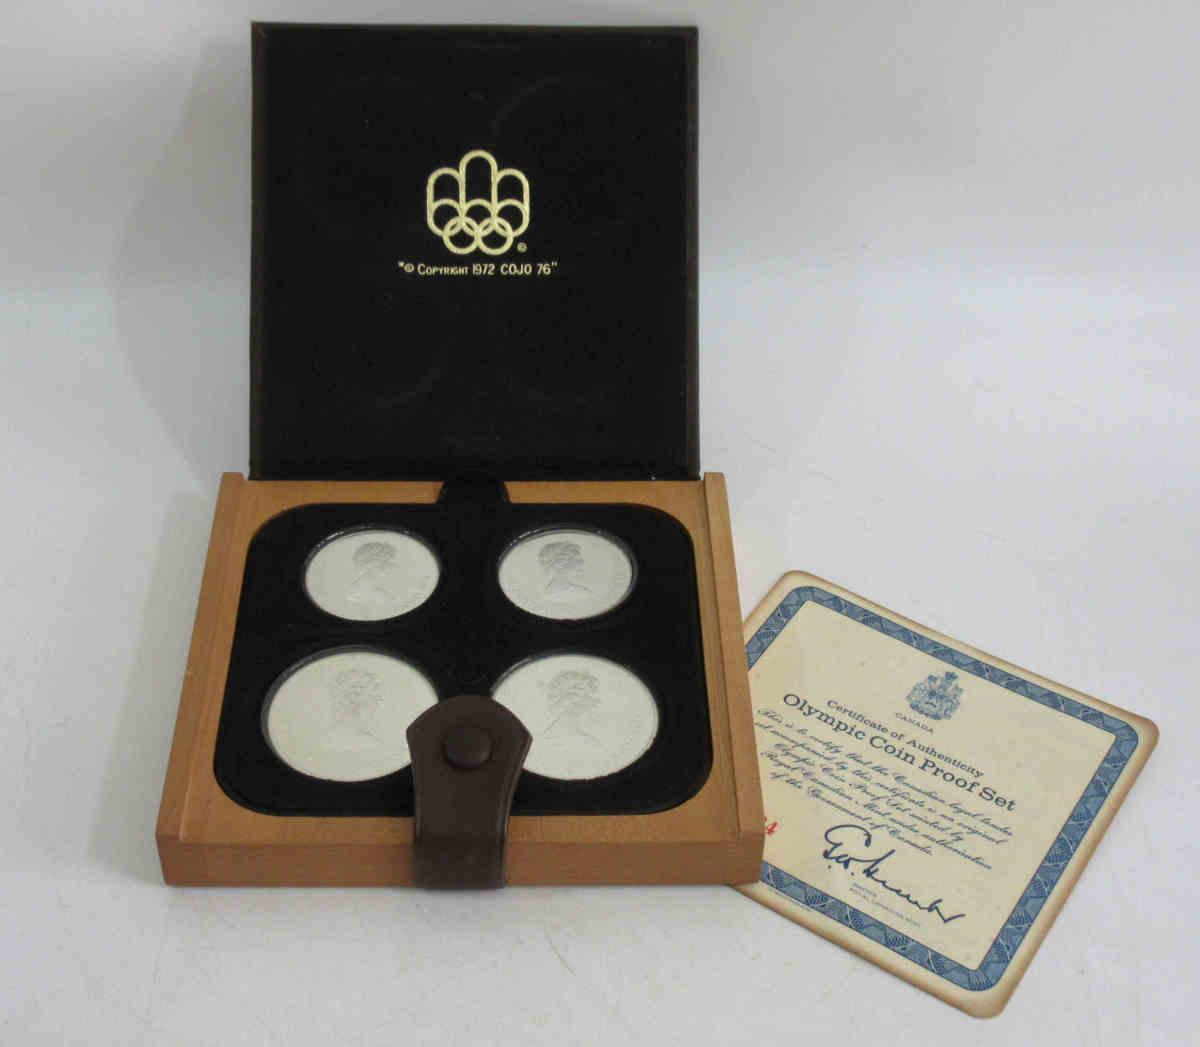 ★1976年 カナダ モントリオールオリンピック記念コインセット プルーフ銀貨 シルバー925/5ドル×2枚 10ドル×2枚/4.32トロイオンス j92